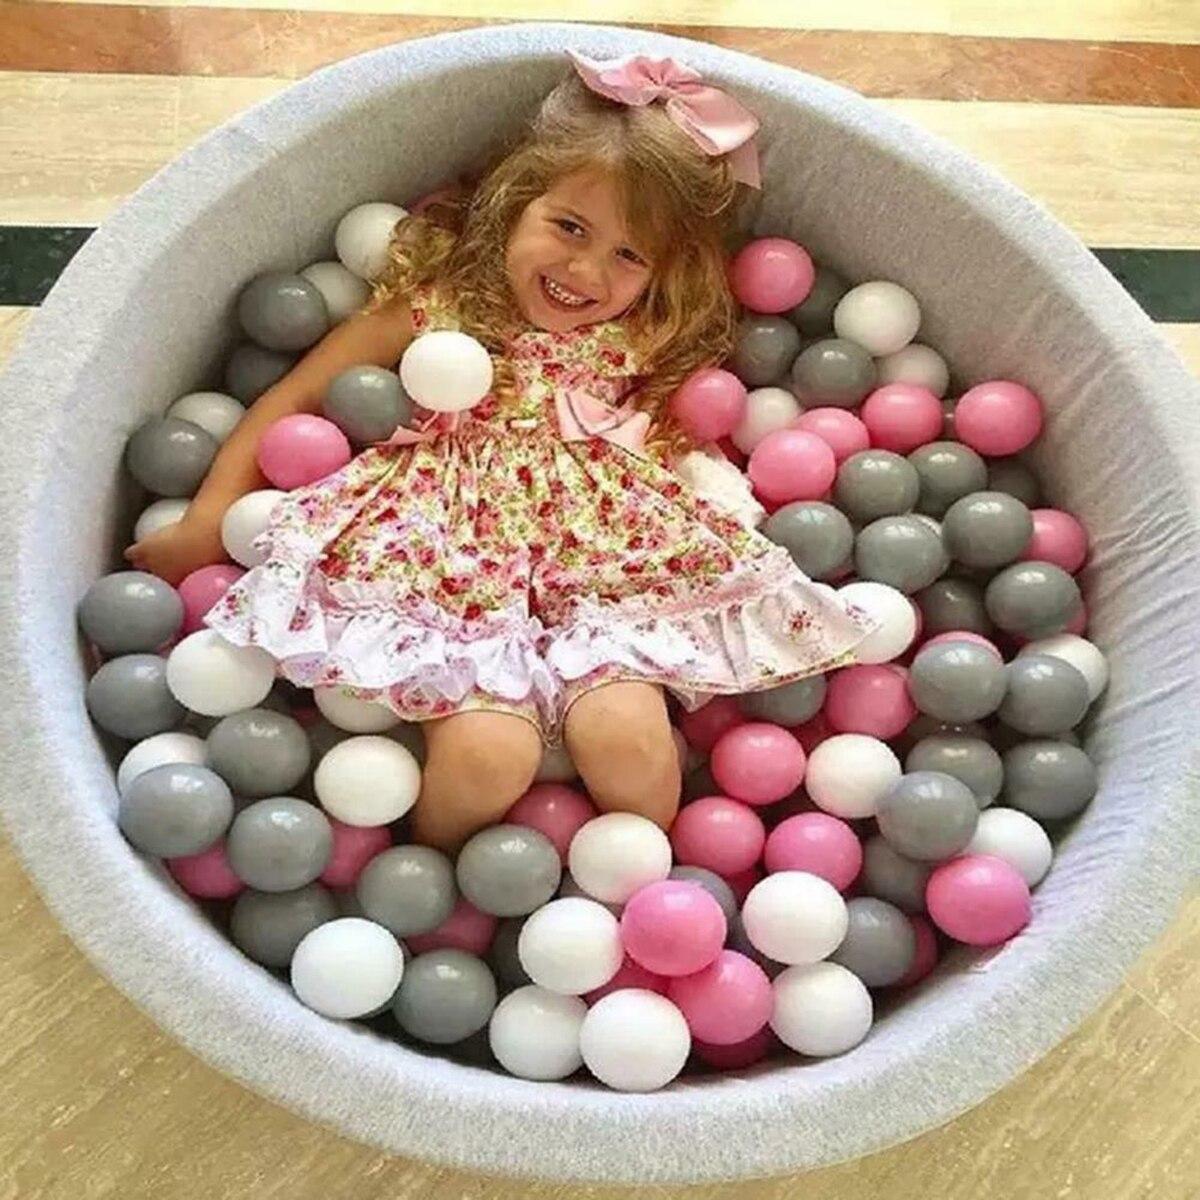 50 pçs eco-friendly colorido bola pits plástico macio oceano bola de água piscina oceano onda bola nadar brinquedos para crianças crianças bebê